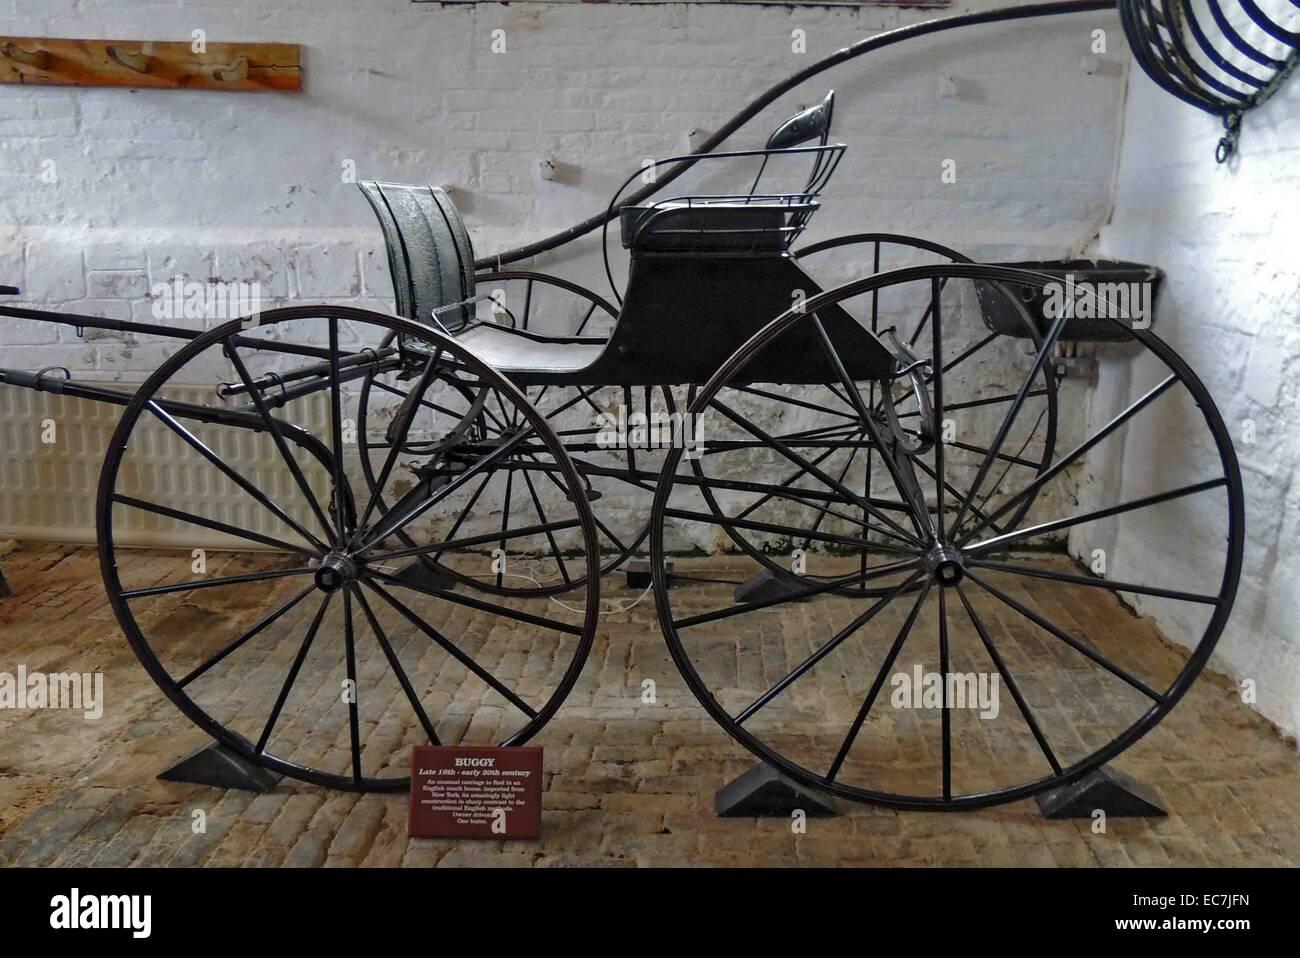 Buggy, finales de siglo XIX y principios del siglo XX. Imagen De Stock